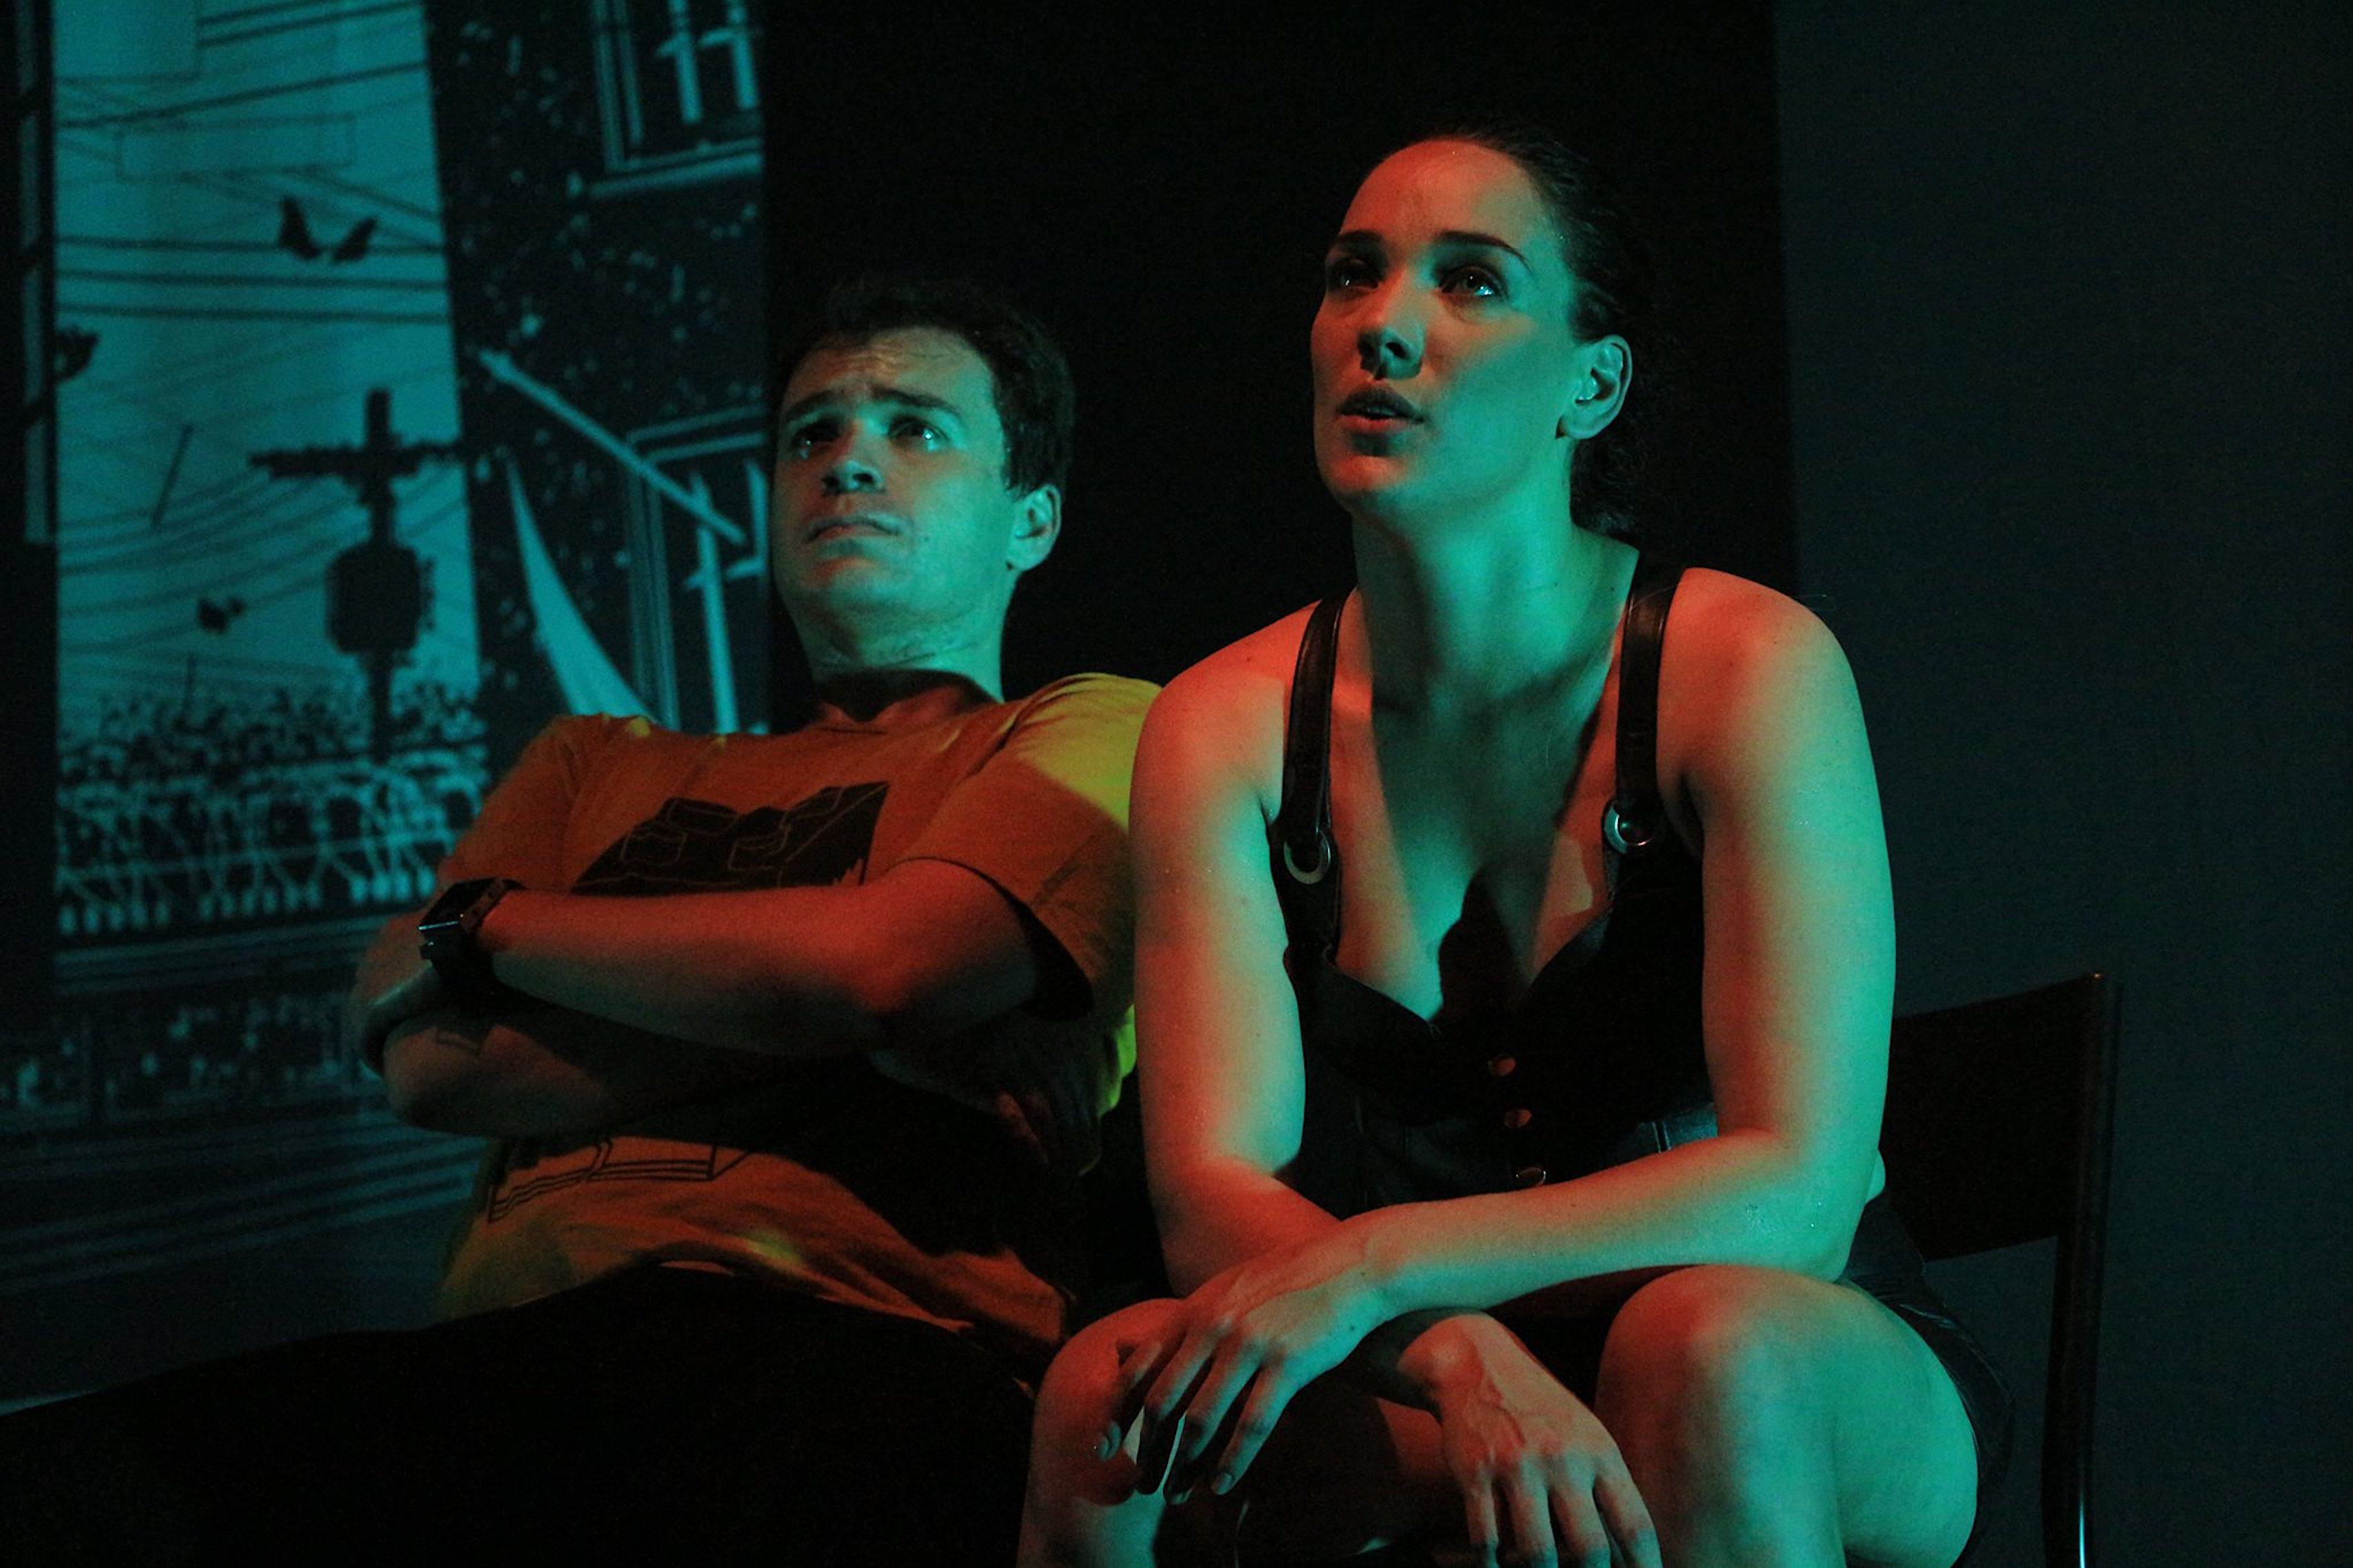 Atores sentados no palco, com uma luz esverdeada e avermelhada